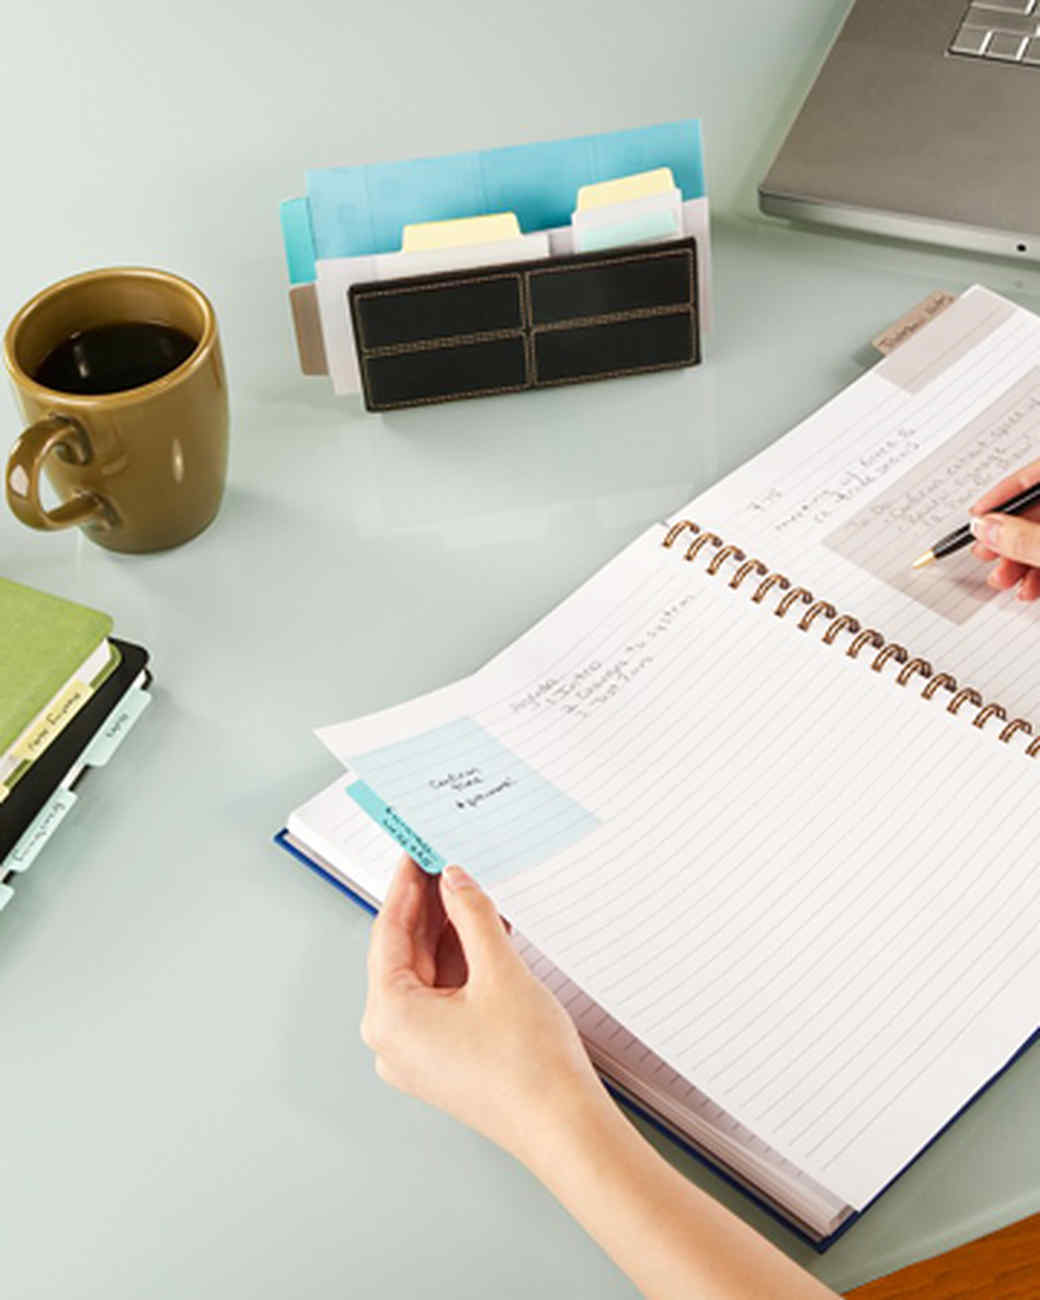 notetabs_hands_notebook.jpg